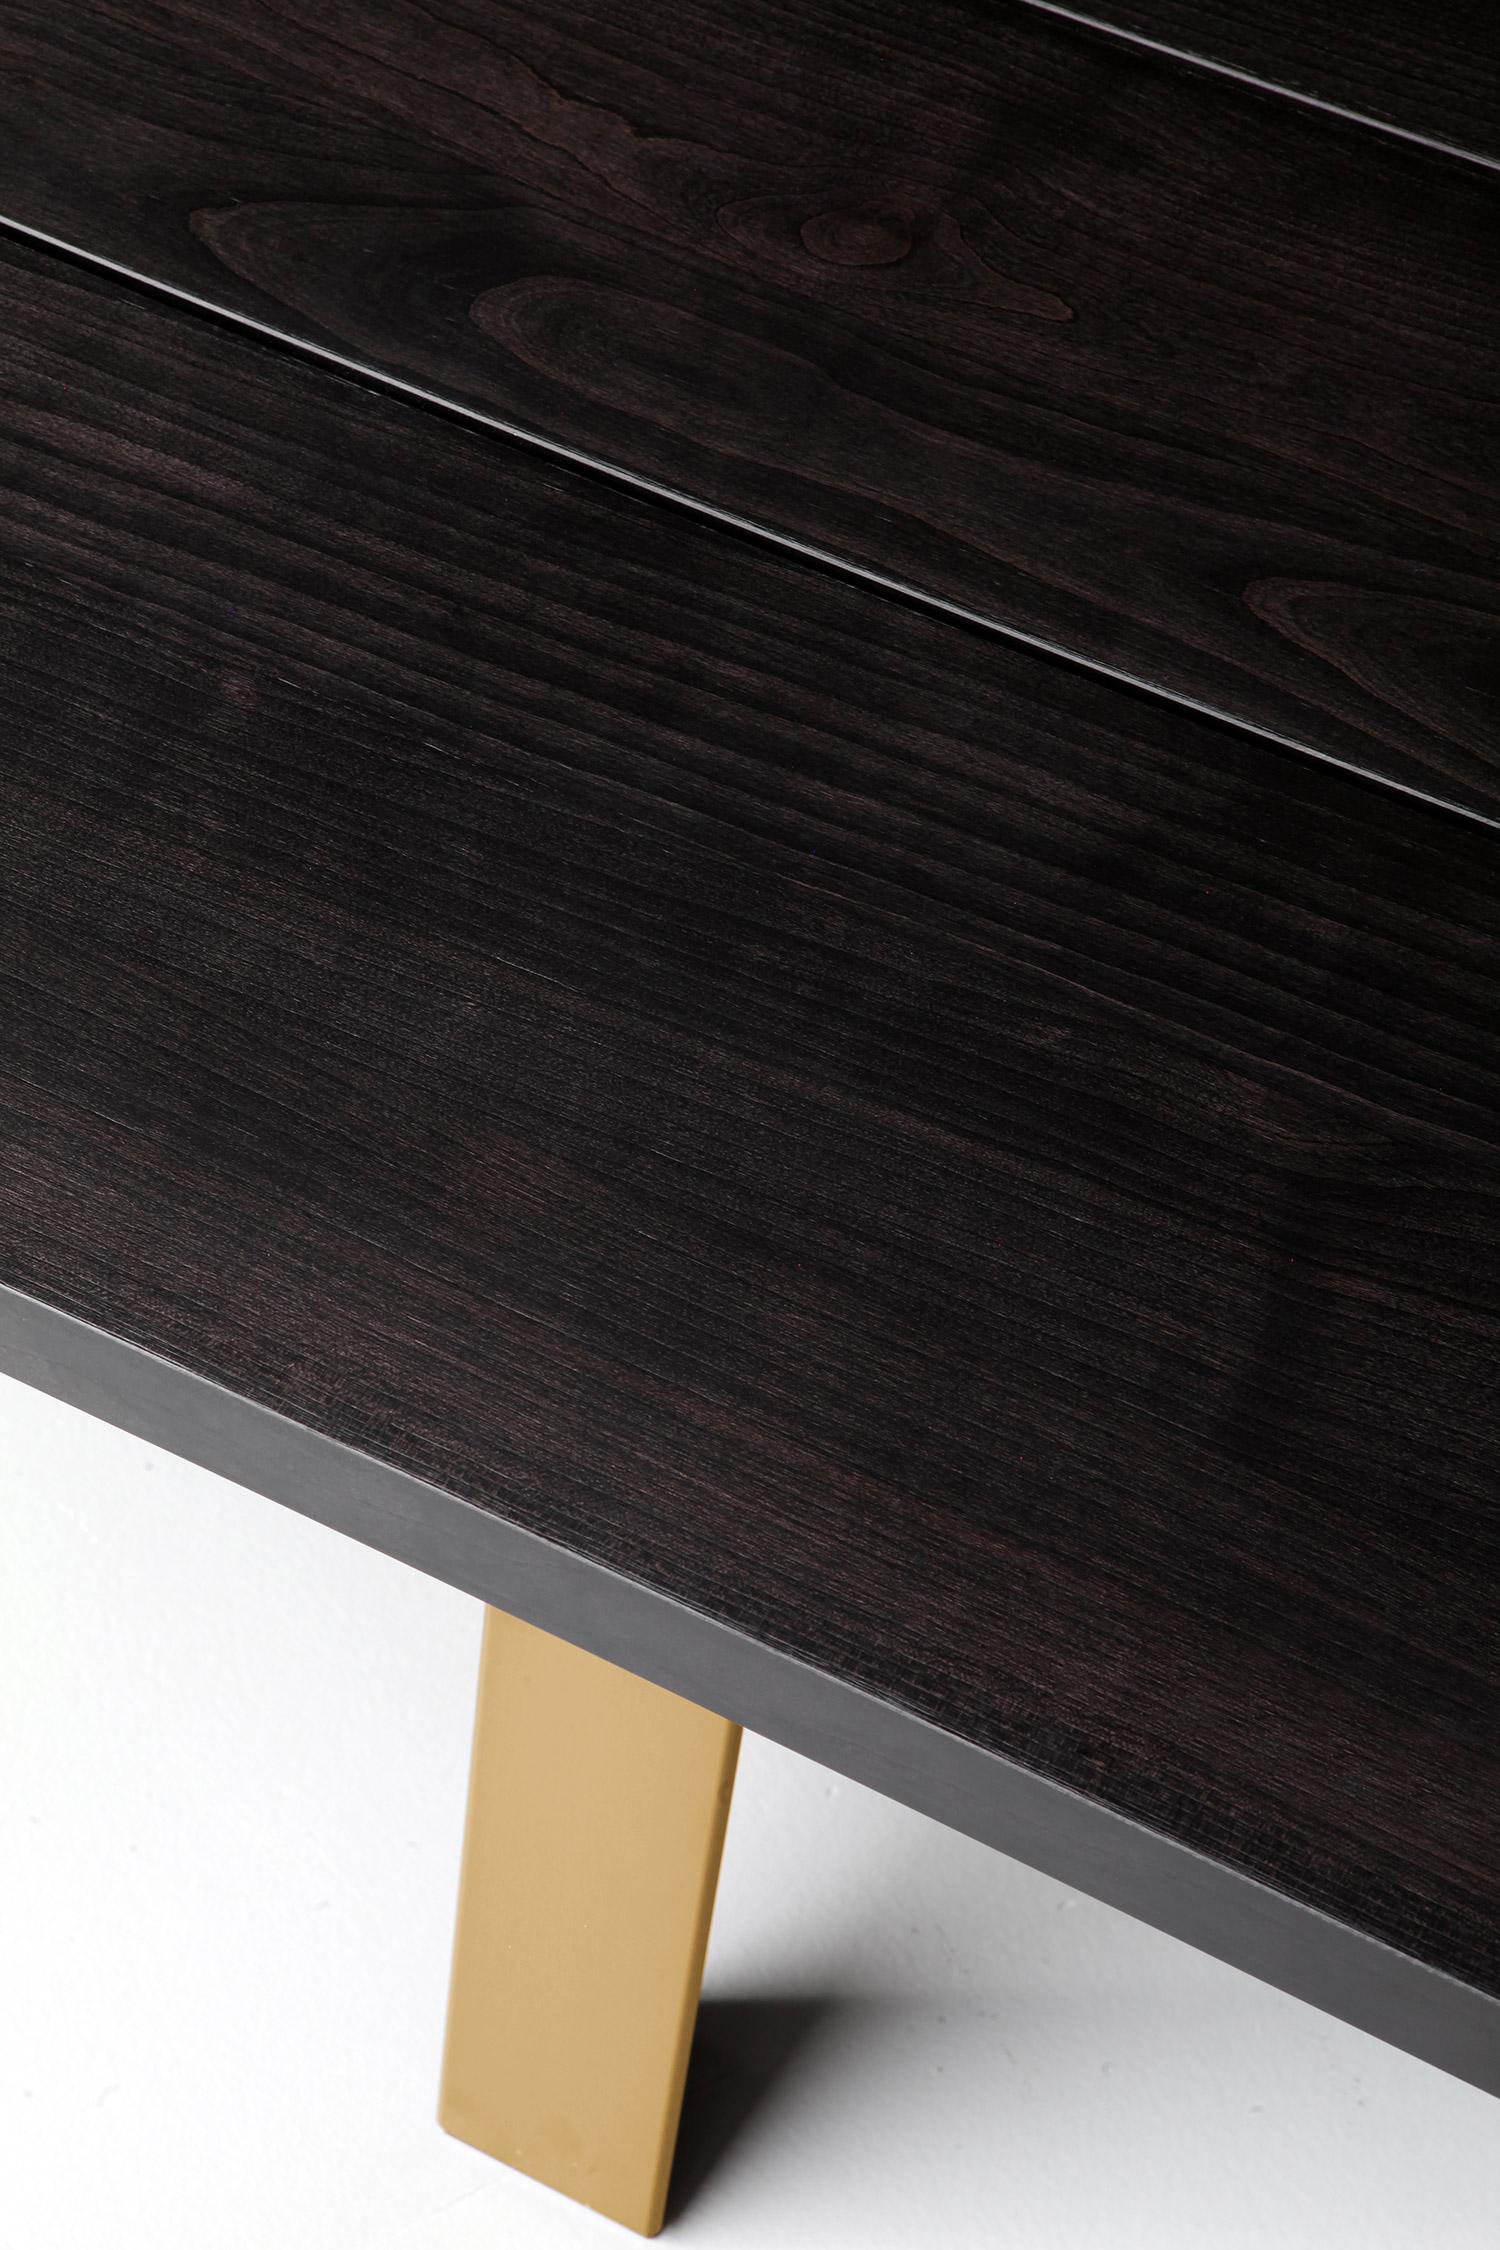 Porro, image:prodotti - Porro Spa - Ryoba